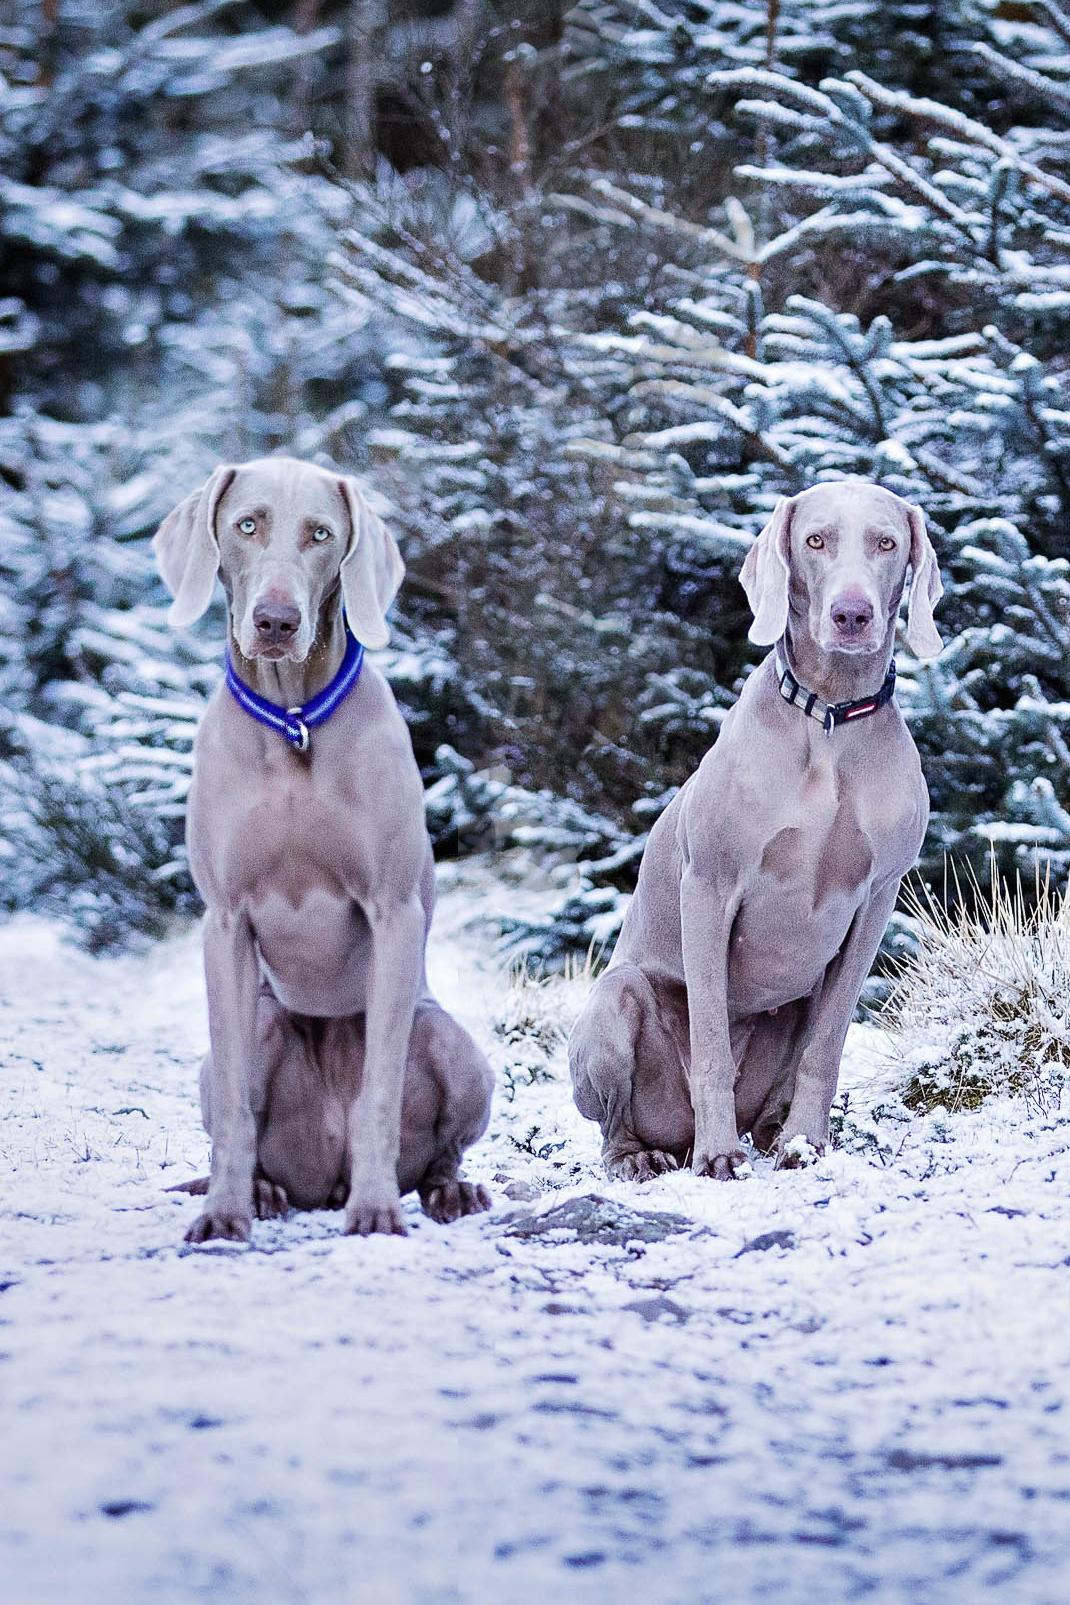 Two Weimaraners sat in a snowy scene.